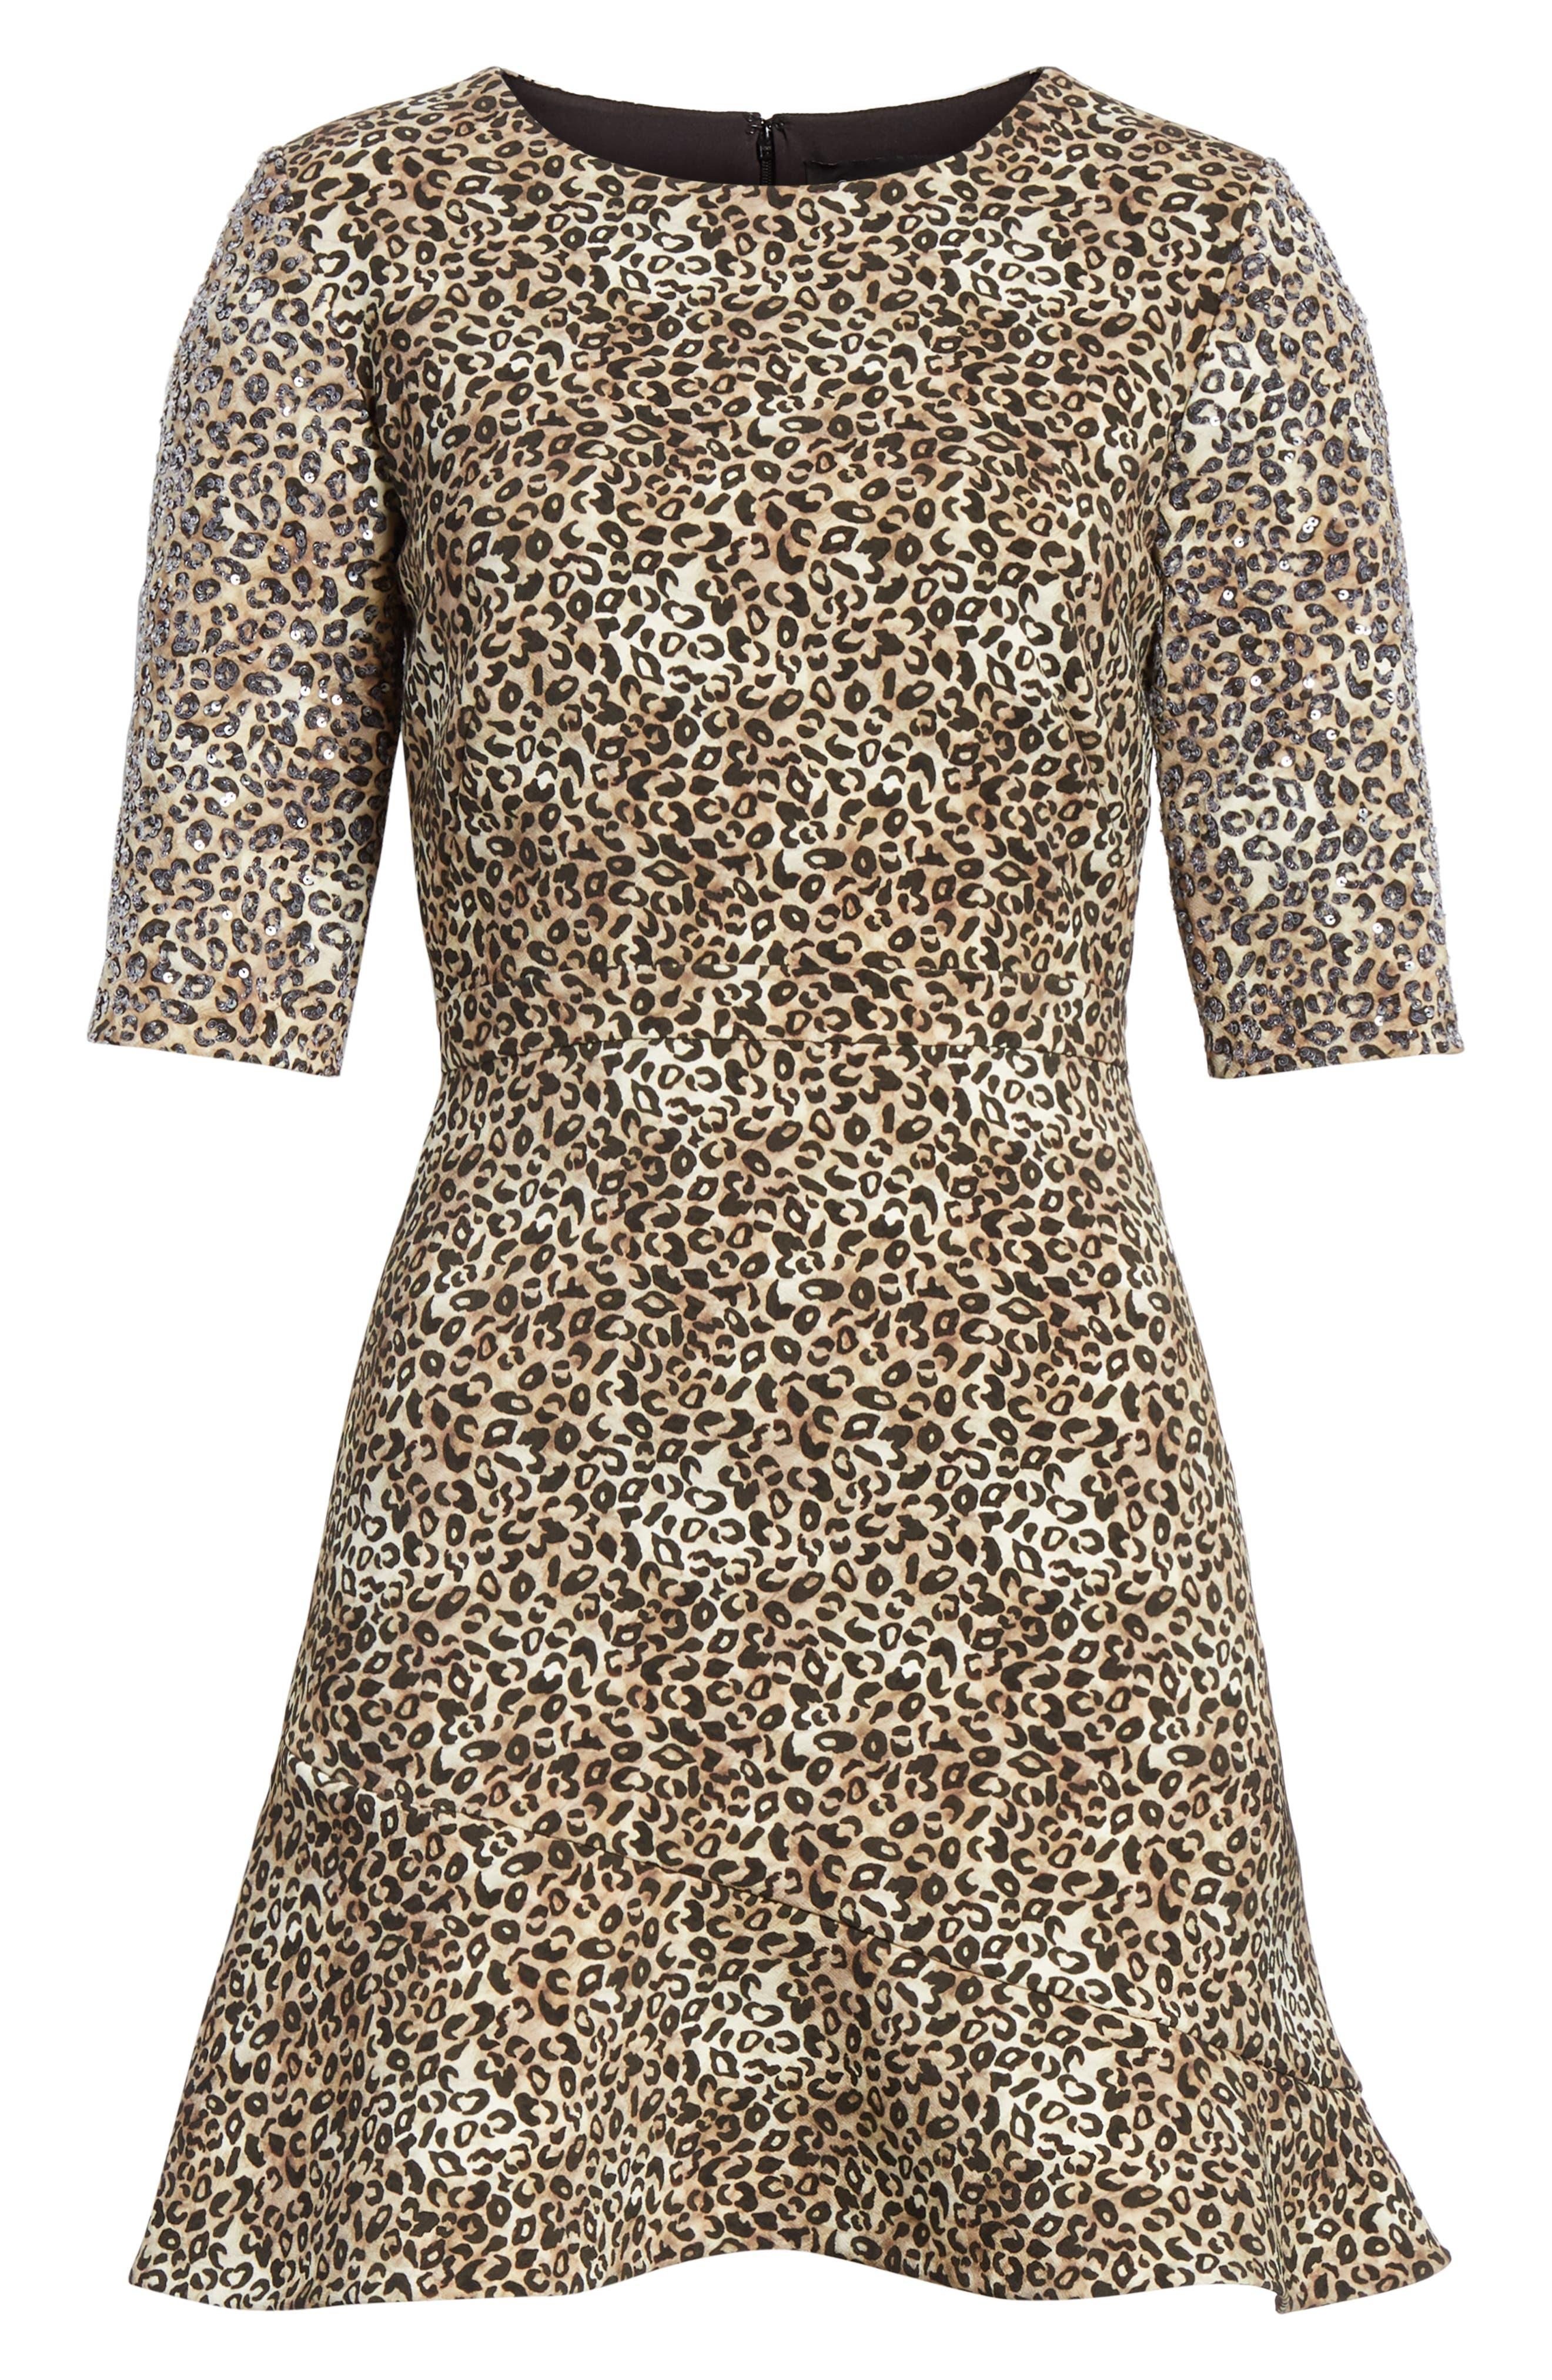 Celia Floral Print Dress,                             Alternate thumbnail 6, color,                             True Leopard